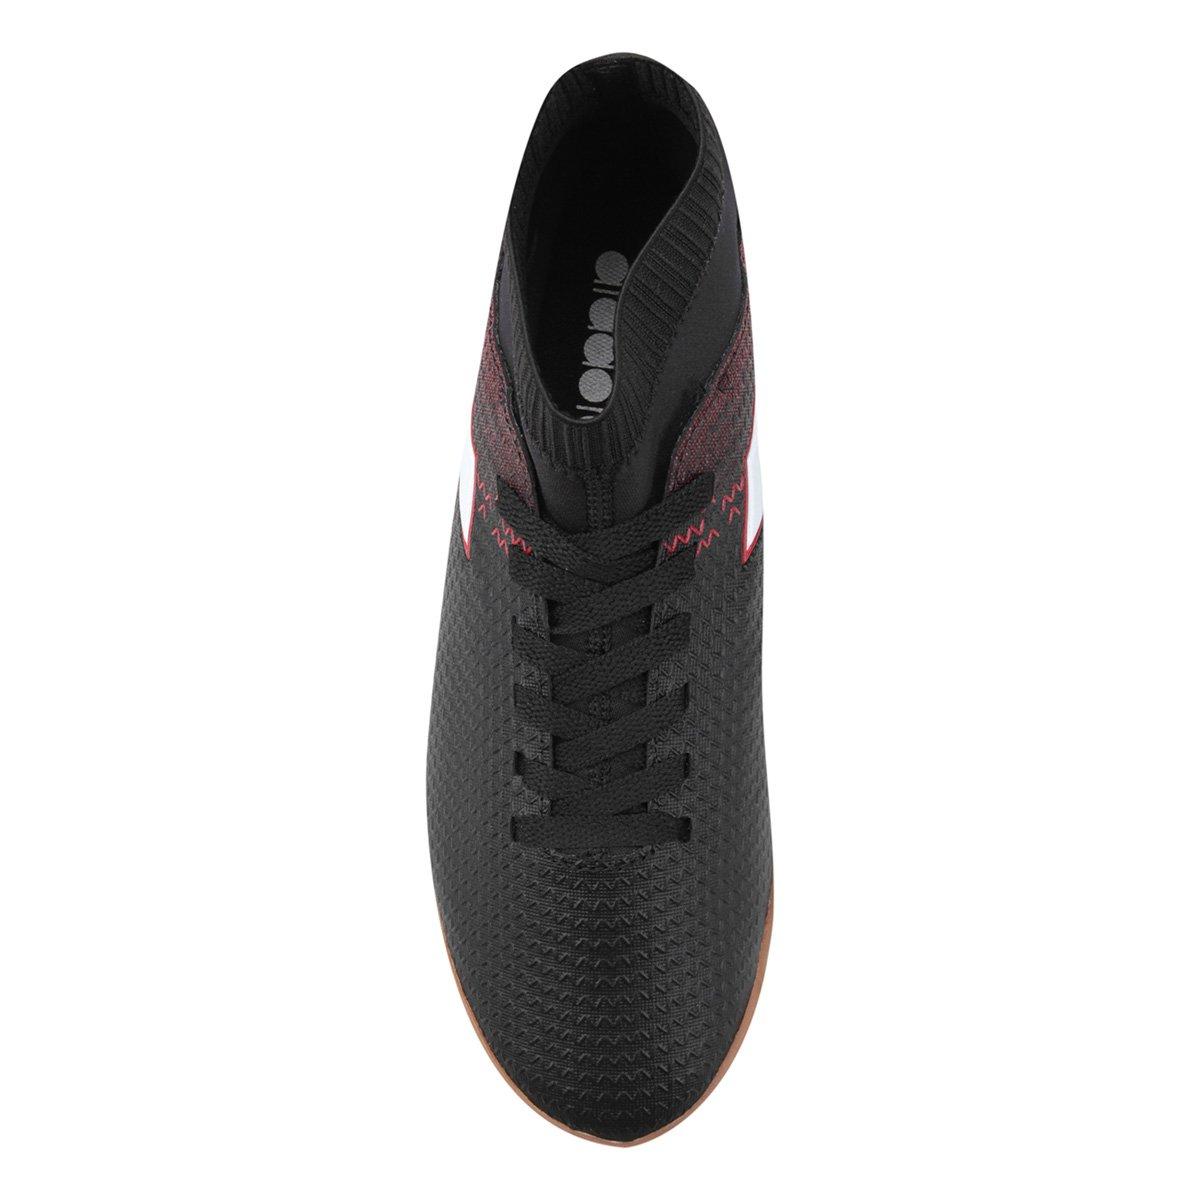 ... Chuteira Masculina Futsal Preto Slip Chuteira Diadora On Vermelho e  Futsal d6YExZqwd ... 079bbe58b14c7